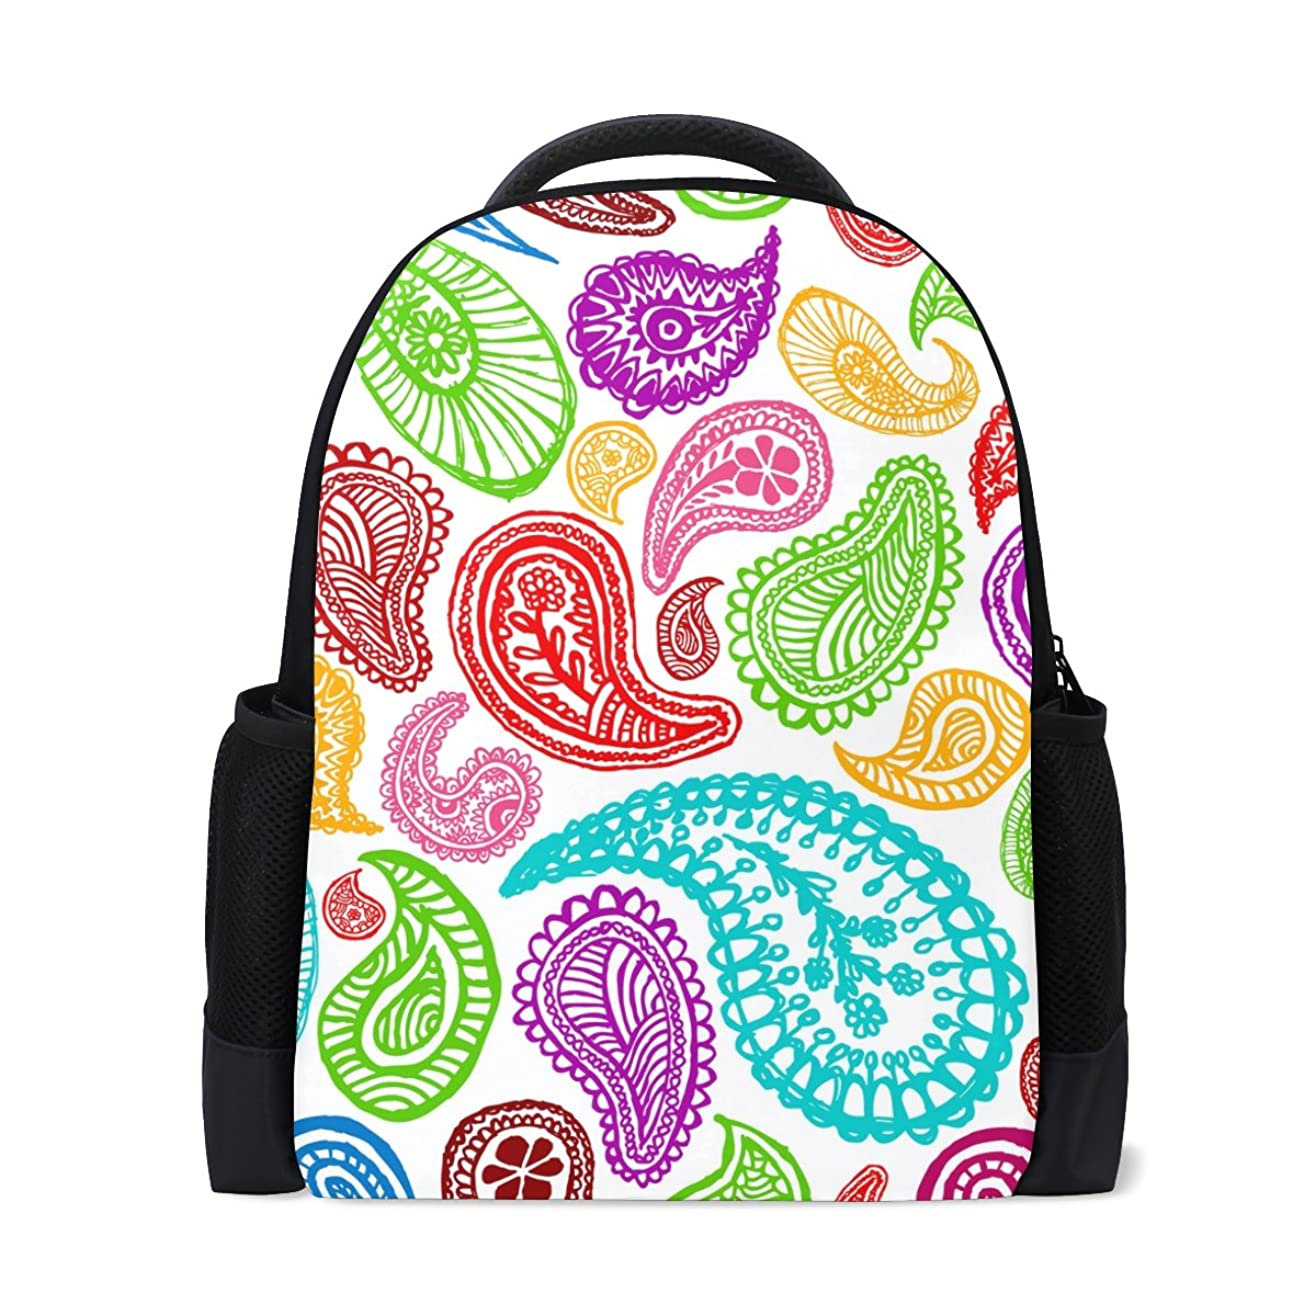 長さ労苦波AOMOKI リュックサック バッグ 男女兼用 メンズ レディース 通勤 通学 大容量 花柄 虹色 カラフル